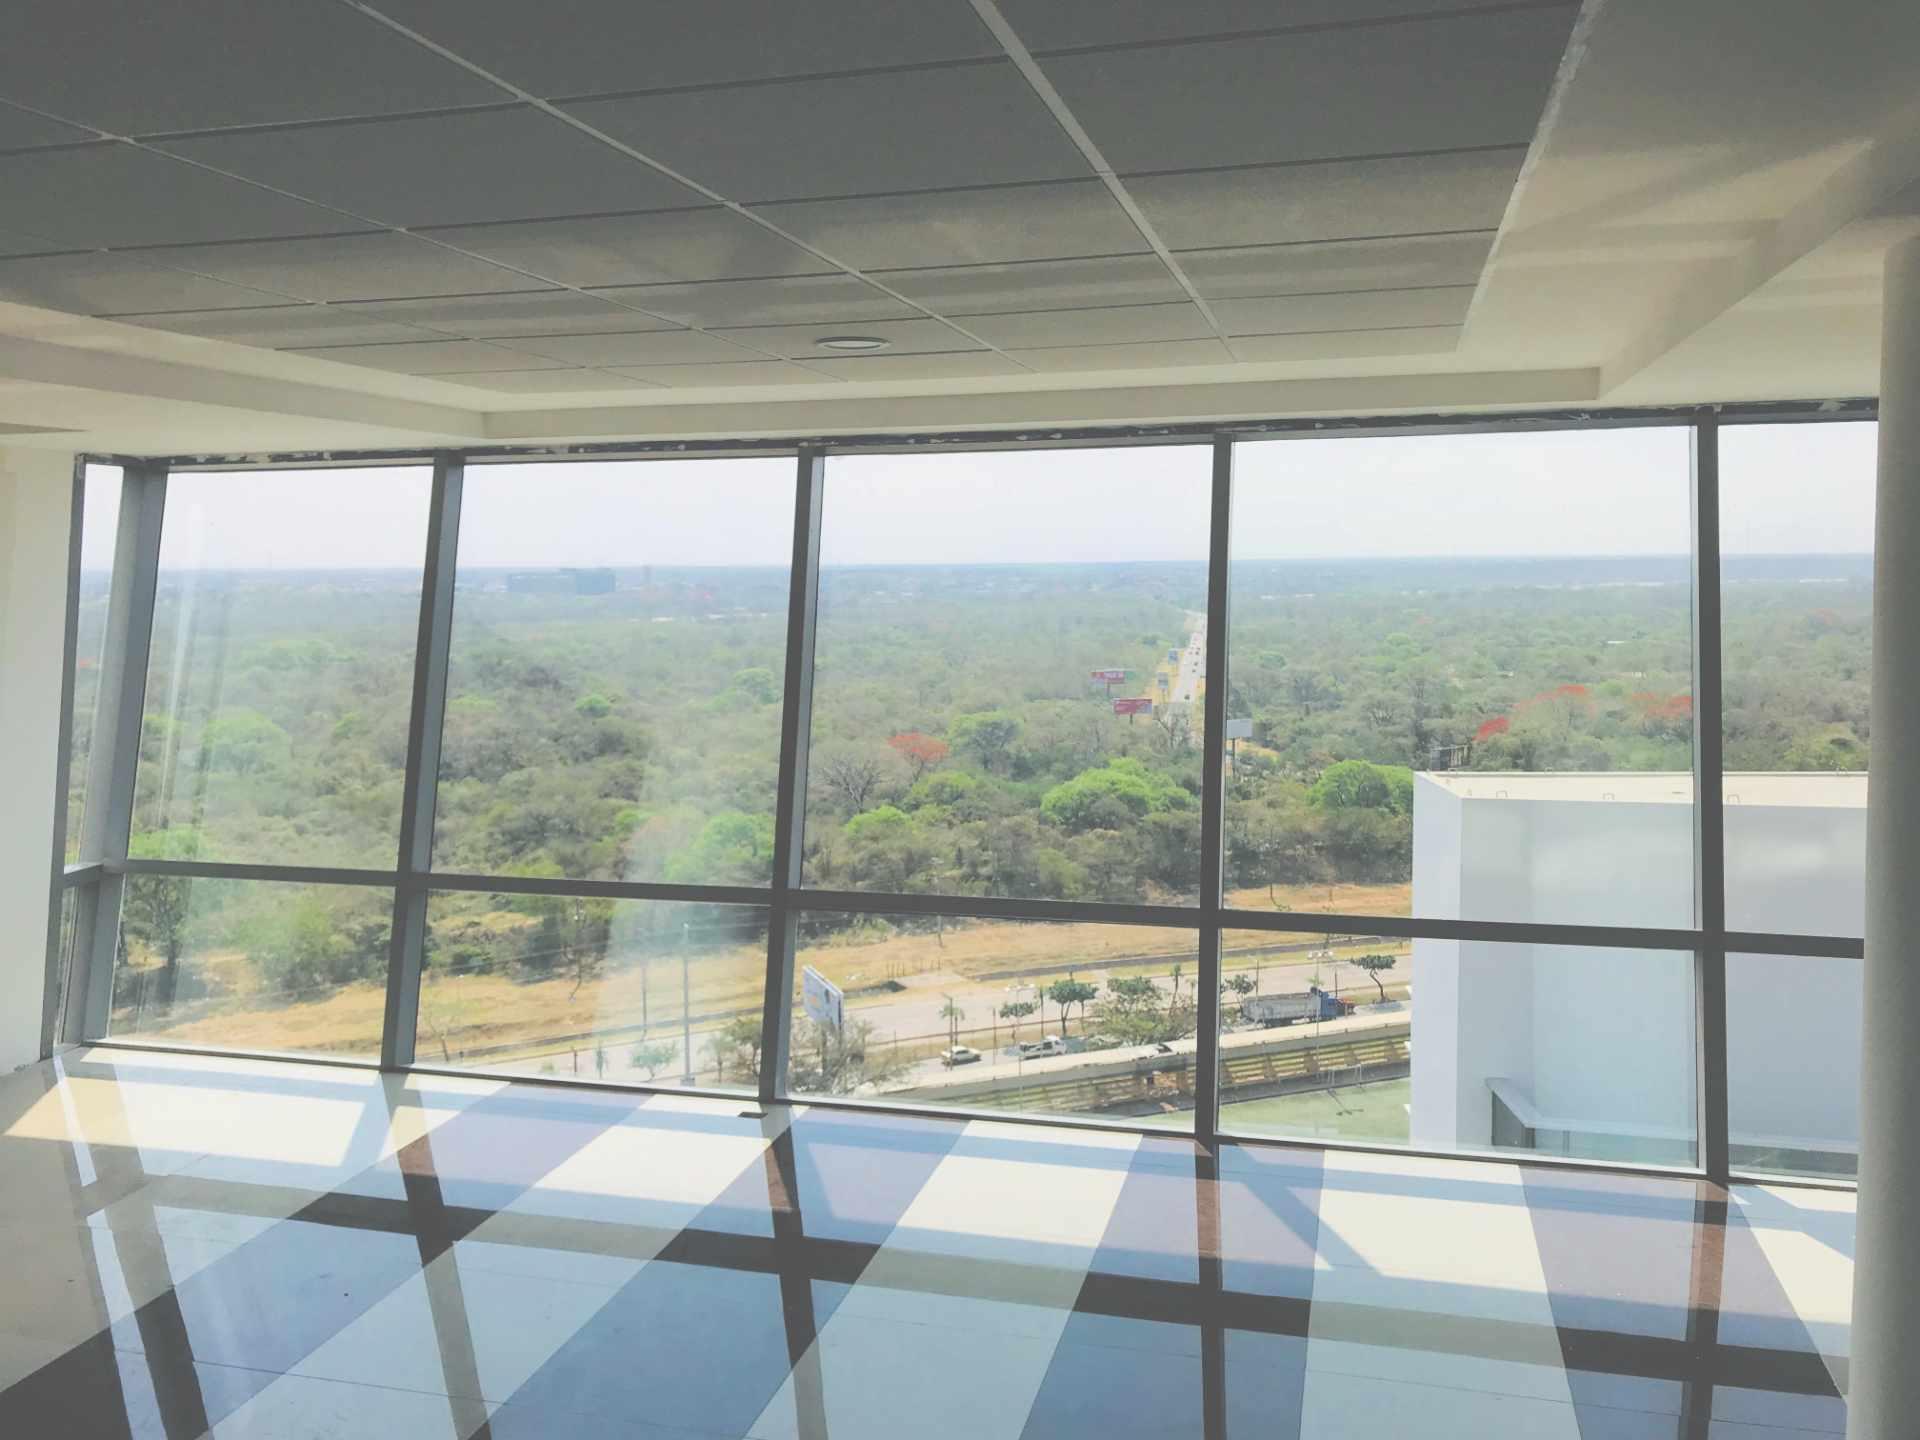 Oficina en Venta Torre de Negocios ALAS. Equipetrol Norte zona Empresarial, Av. San Martín entre 3er y 4to anillo.  Foto 1